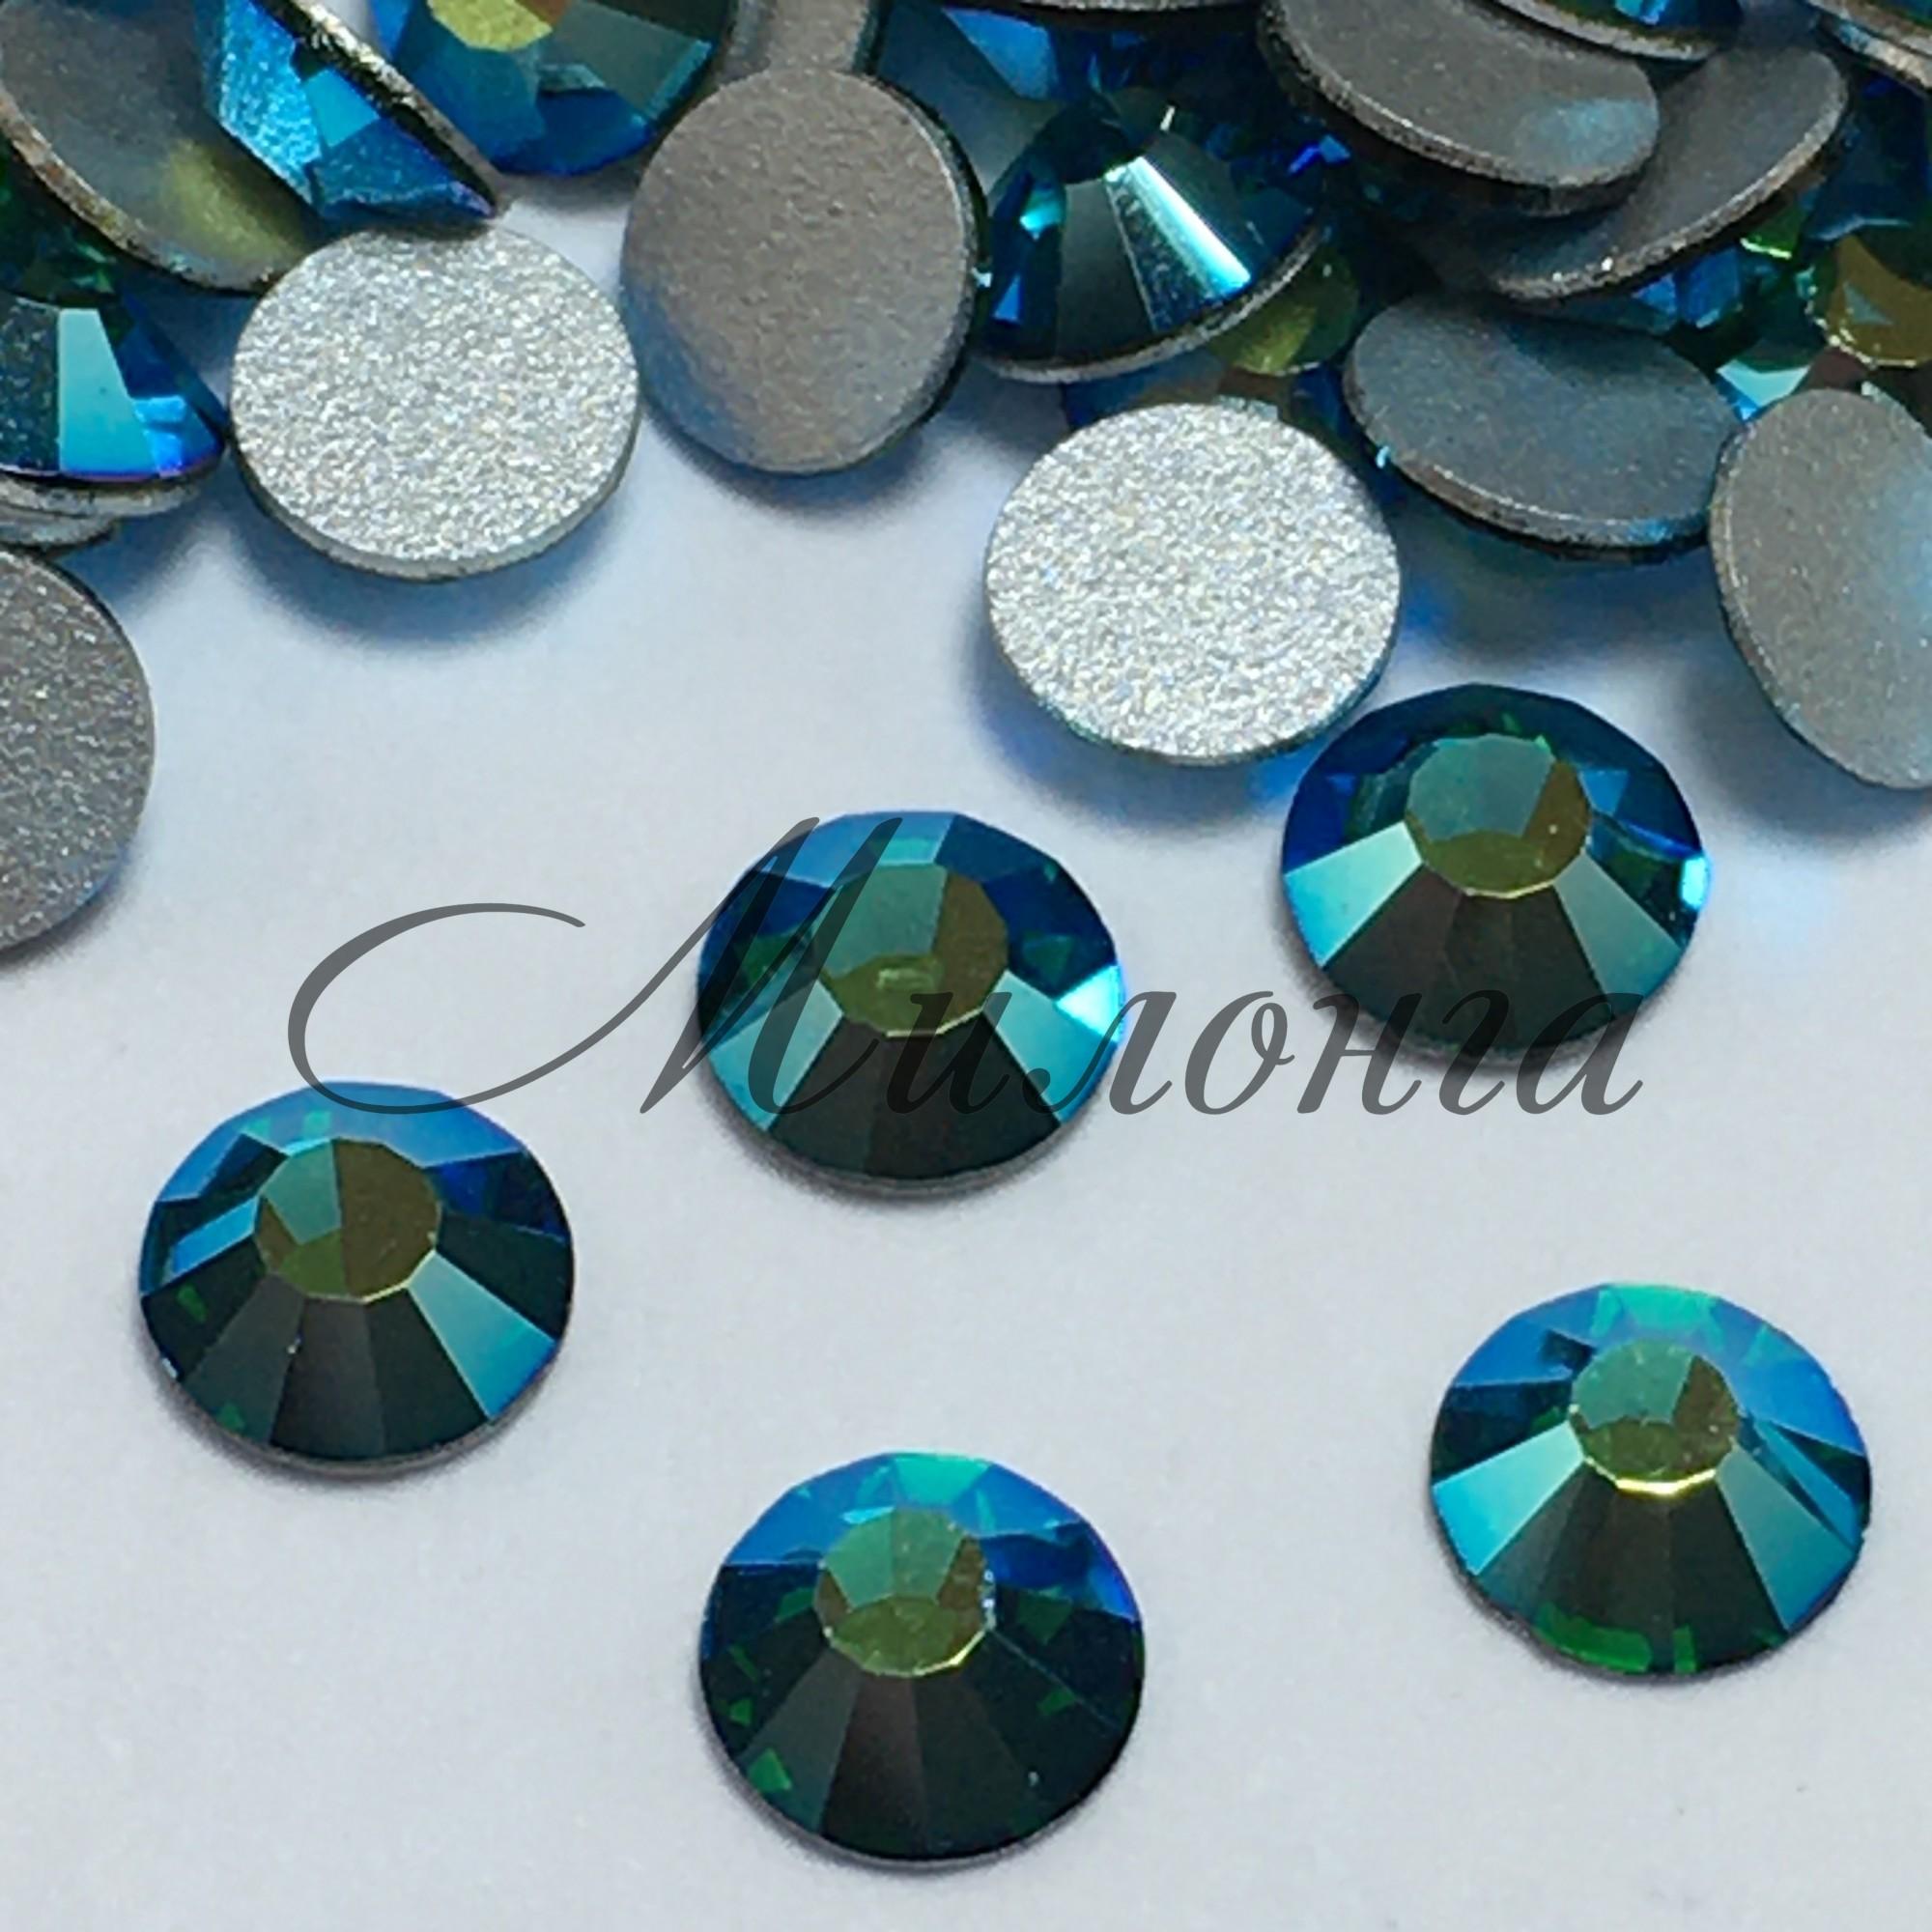 Preciosa AB Viva SS20, клеевые Emerald